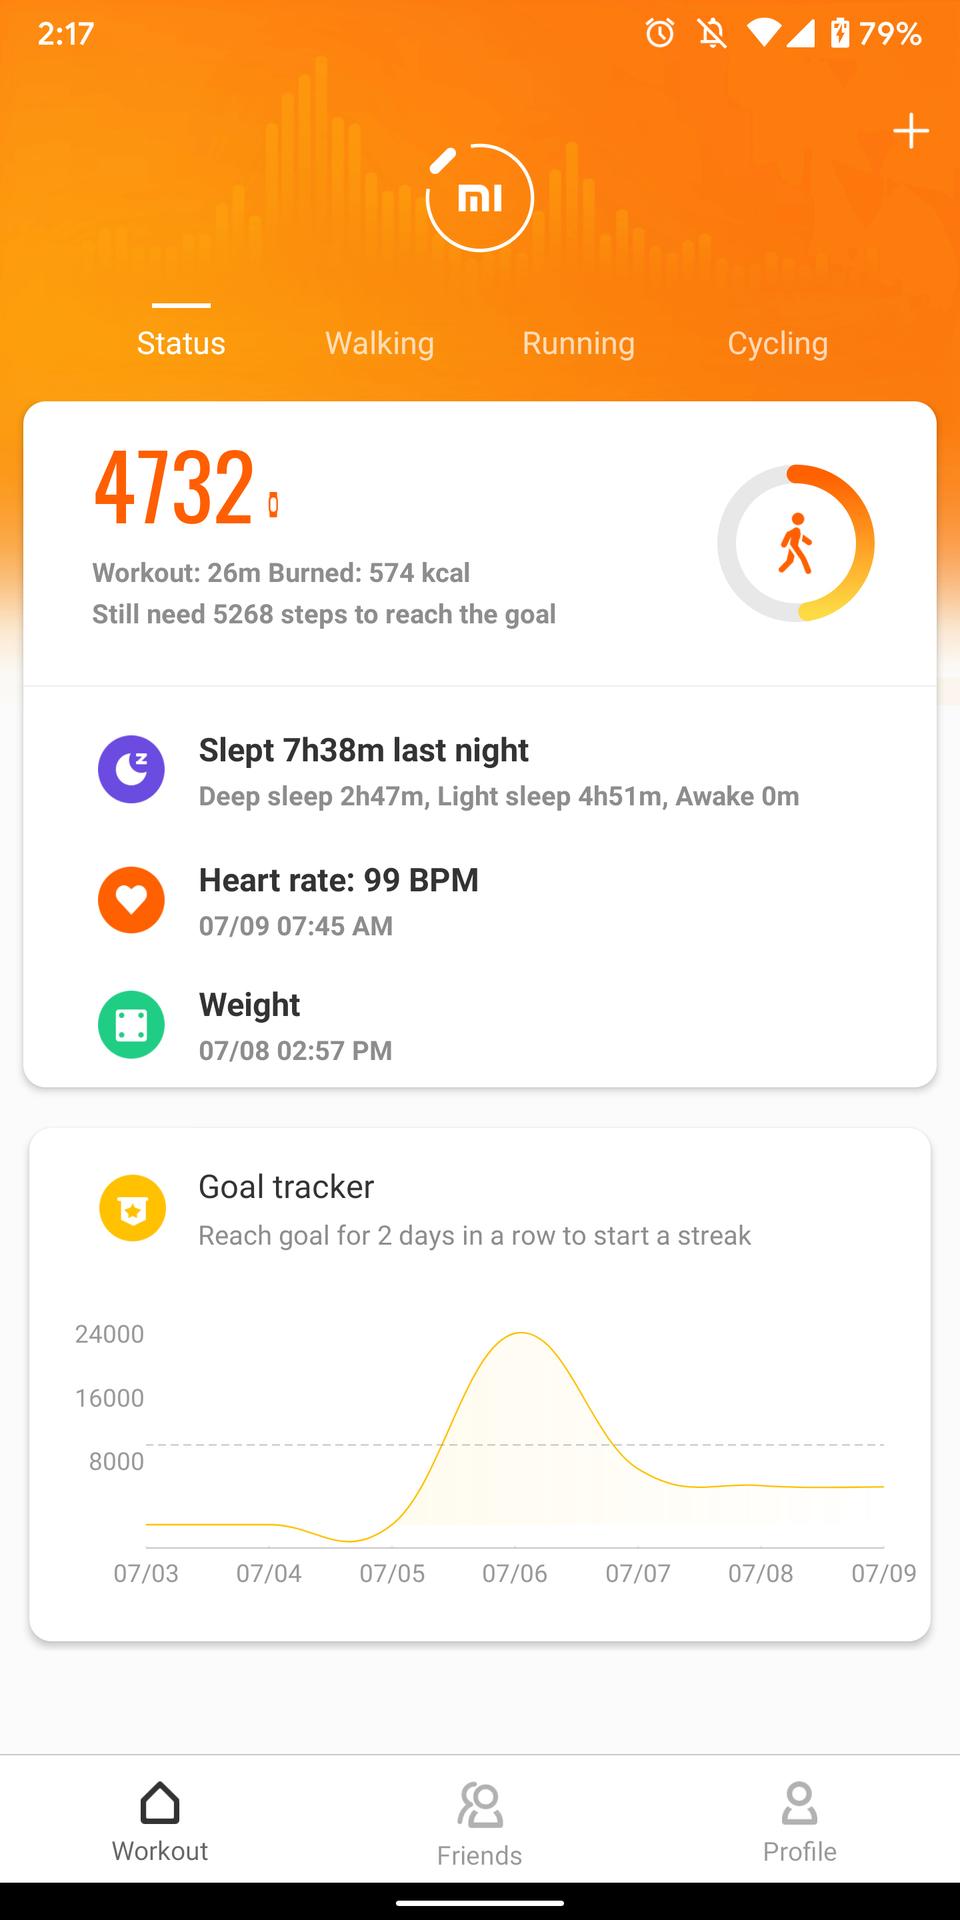 mi fit app screenshots home screen